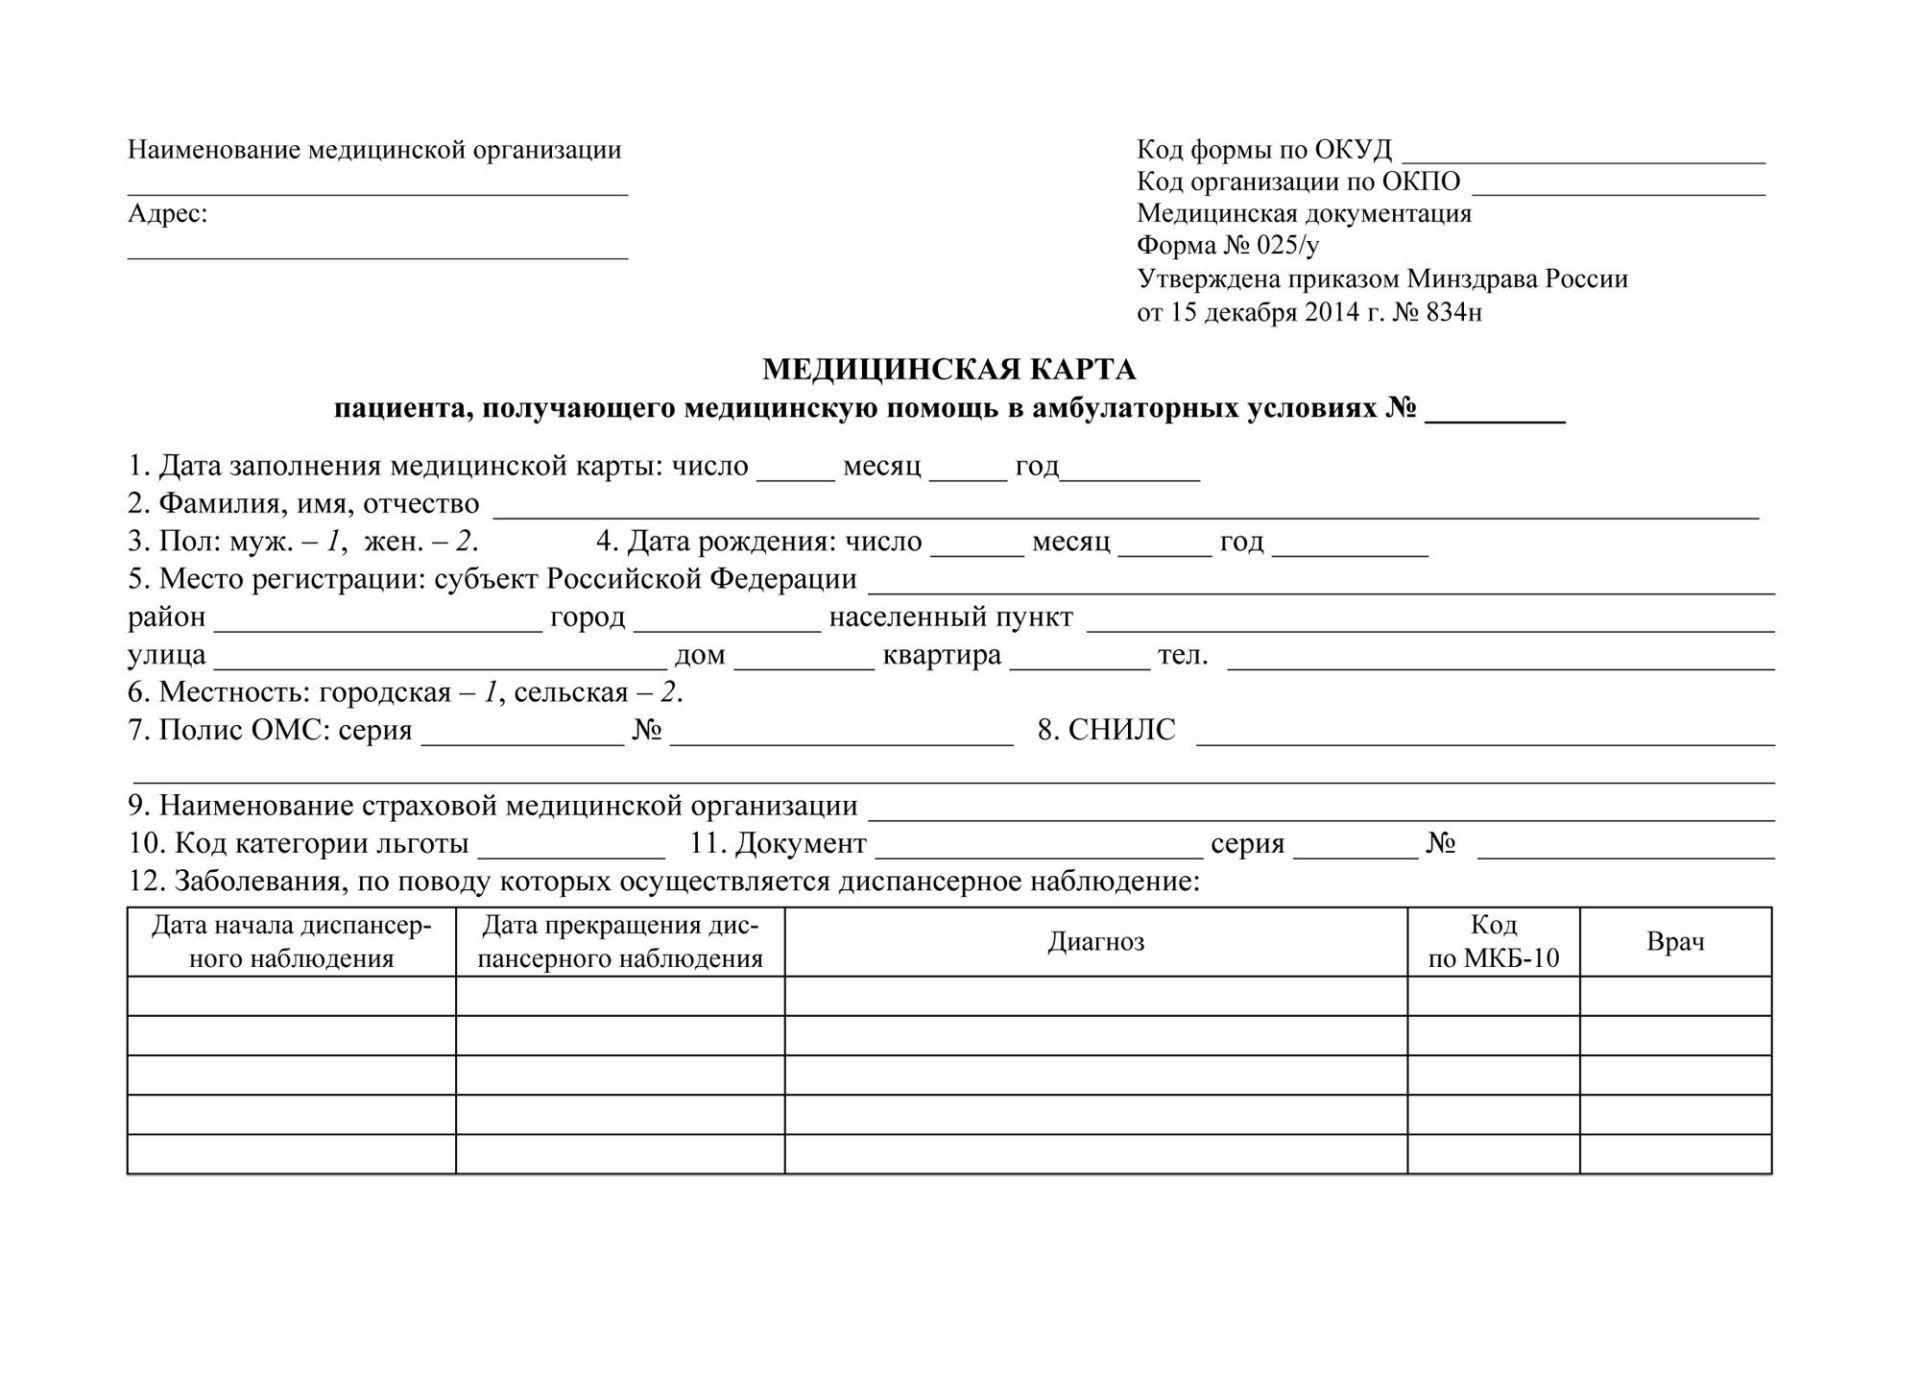 Медицинская карта пациента, получающего медицинскую помощь в амбулаторных условияхМедицинские карты и журналы здоровья<br>Материалы:на блок - бумага офсетная, пл. 65.00;на обложку - бумага офсетная, пл. 160.00.<br><br>Год: 2017<br>Высота: 140<br>Ширина: 195<br>Толщина: 2<br>Переплёт: мягкая, скрепка